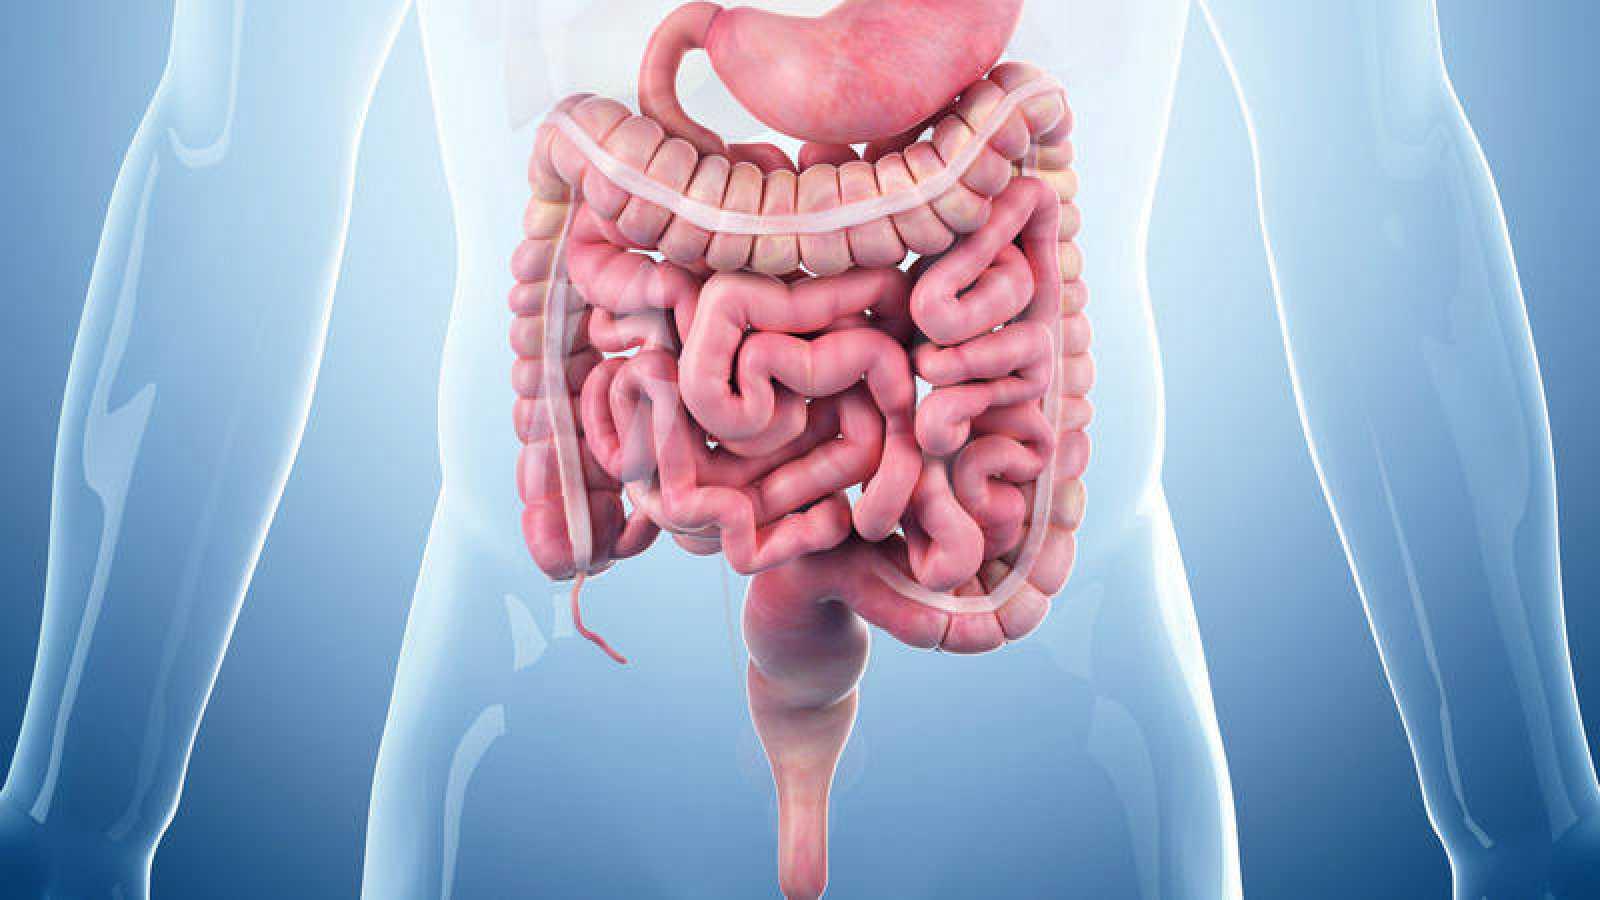 Un estudio demuestra que el párkinson se origina en el tracto digestivo -  RTVE.es